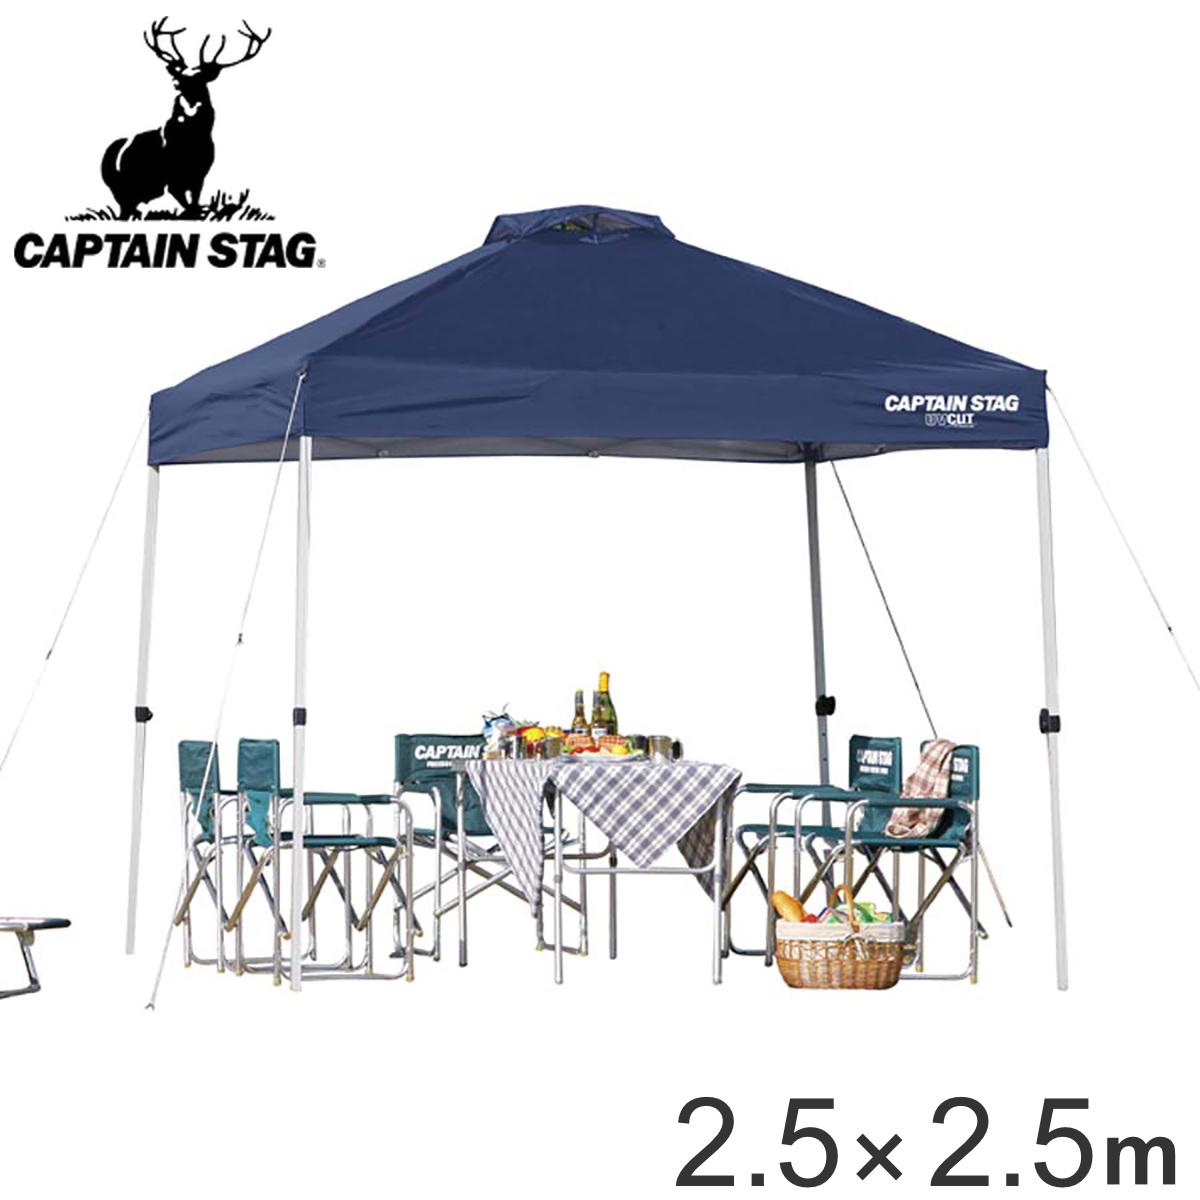 クイックシェードDX UVカット 防水 キャスターバッグ付 2.5m×2.5m ( 送料無料 キャプテンスタッグ テント ワンタッチタープ CAPTAIN STAG アウトドア 5人 4人 アルミ 軽量 組立簡単 正方形 )